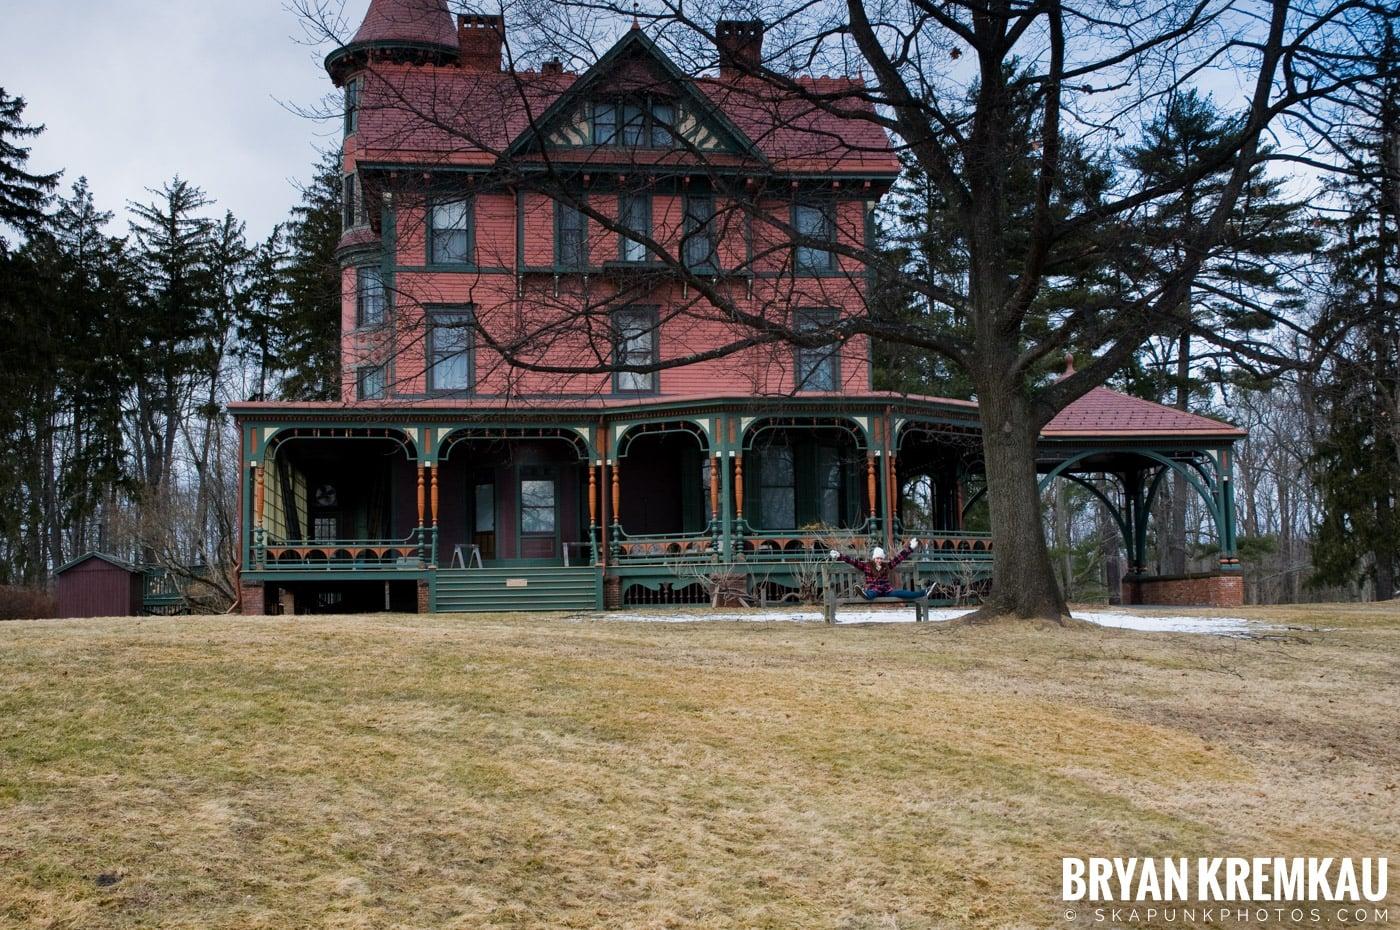 Valentine's Day Trip @ Rhinebeck, FDR's Home, Vanderbilt, Wilderstein Historic Site, NY - 2.14.10 (38)